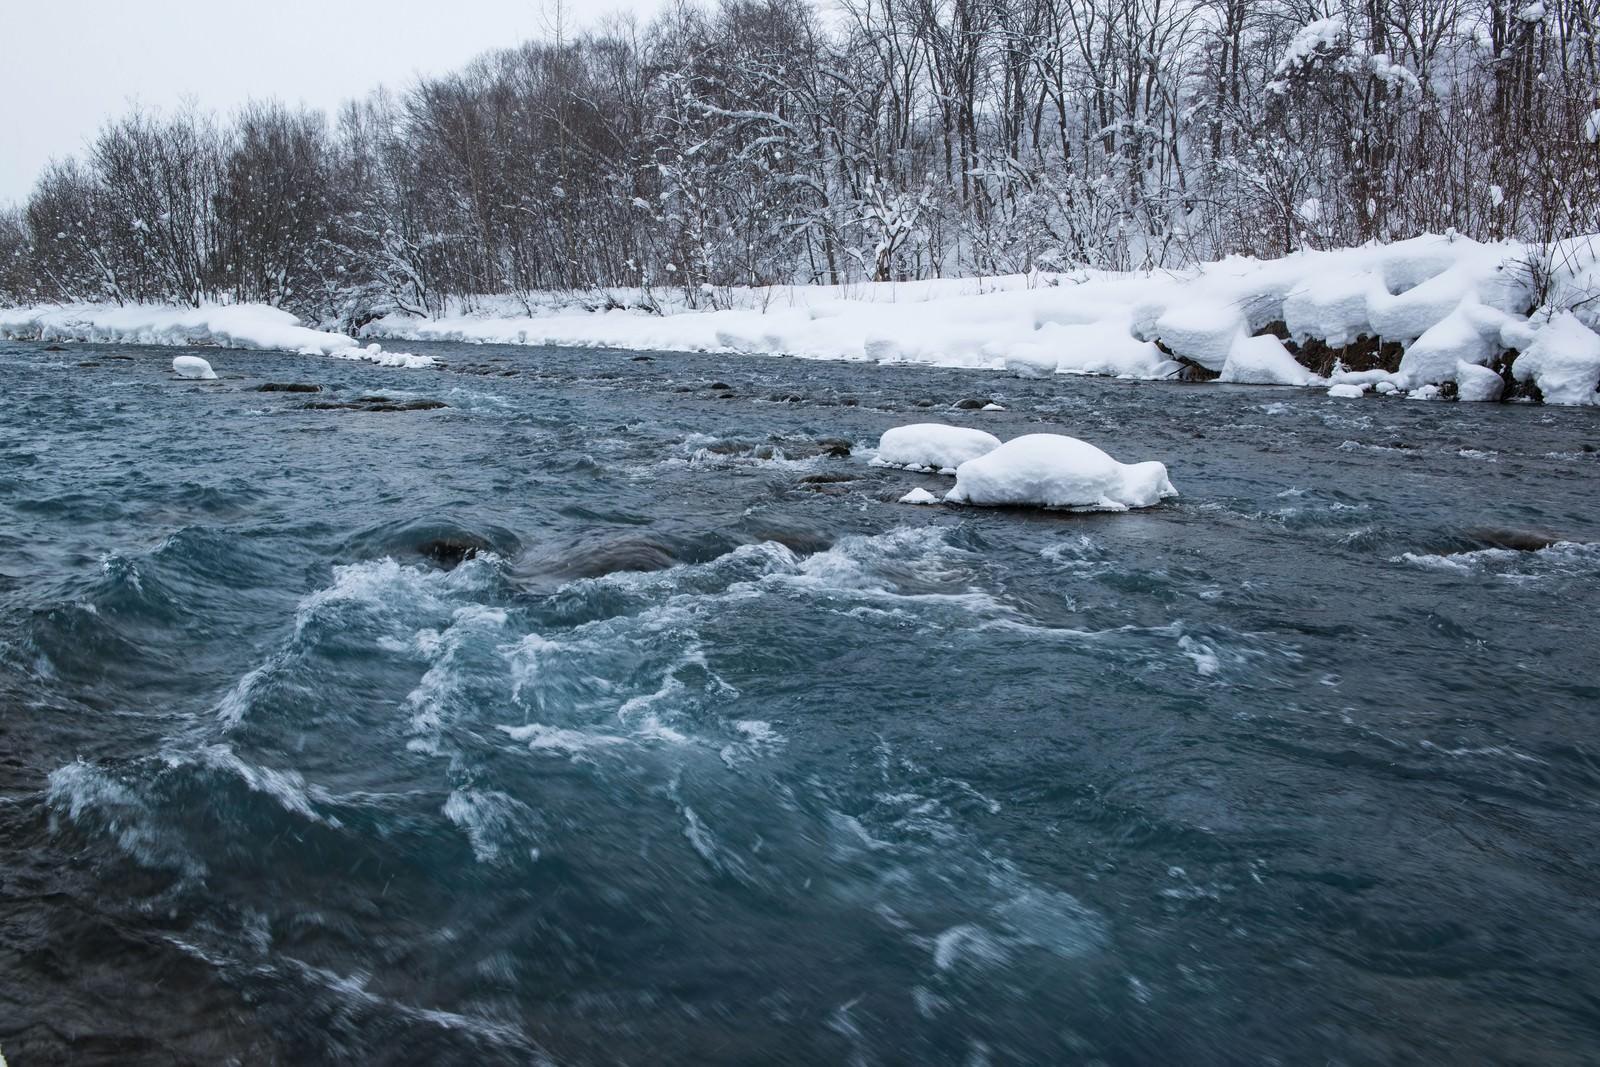 「雪の中の美瑛川雪の中の美瑛川」のフリー写真素材を拡大